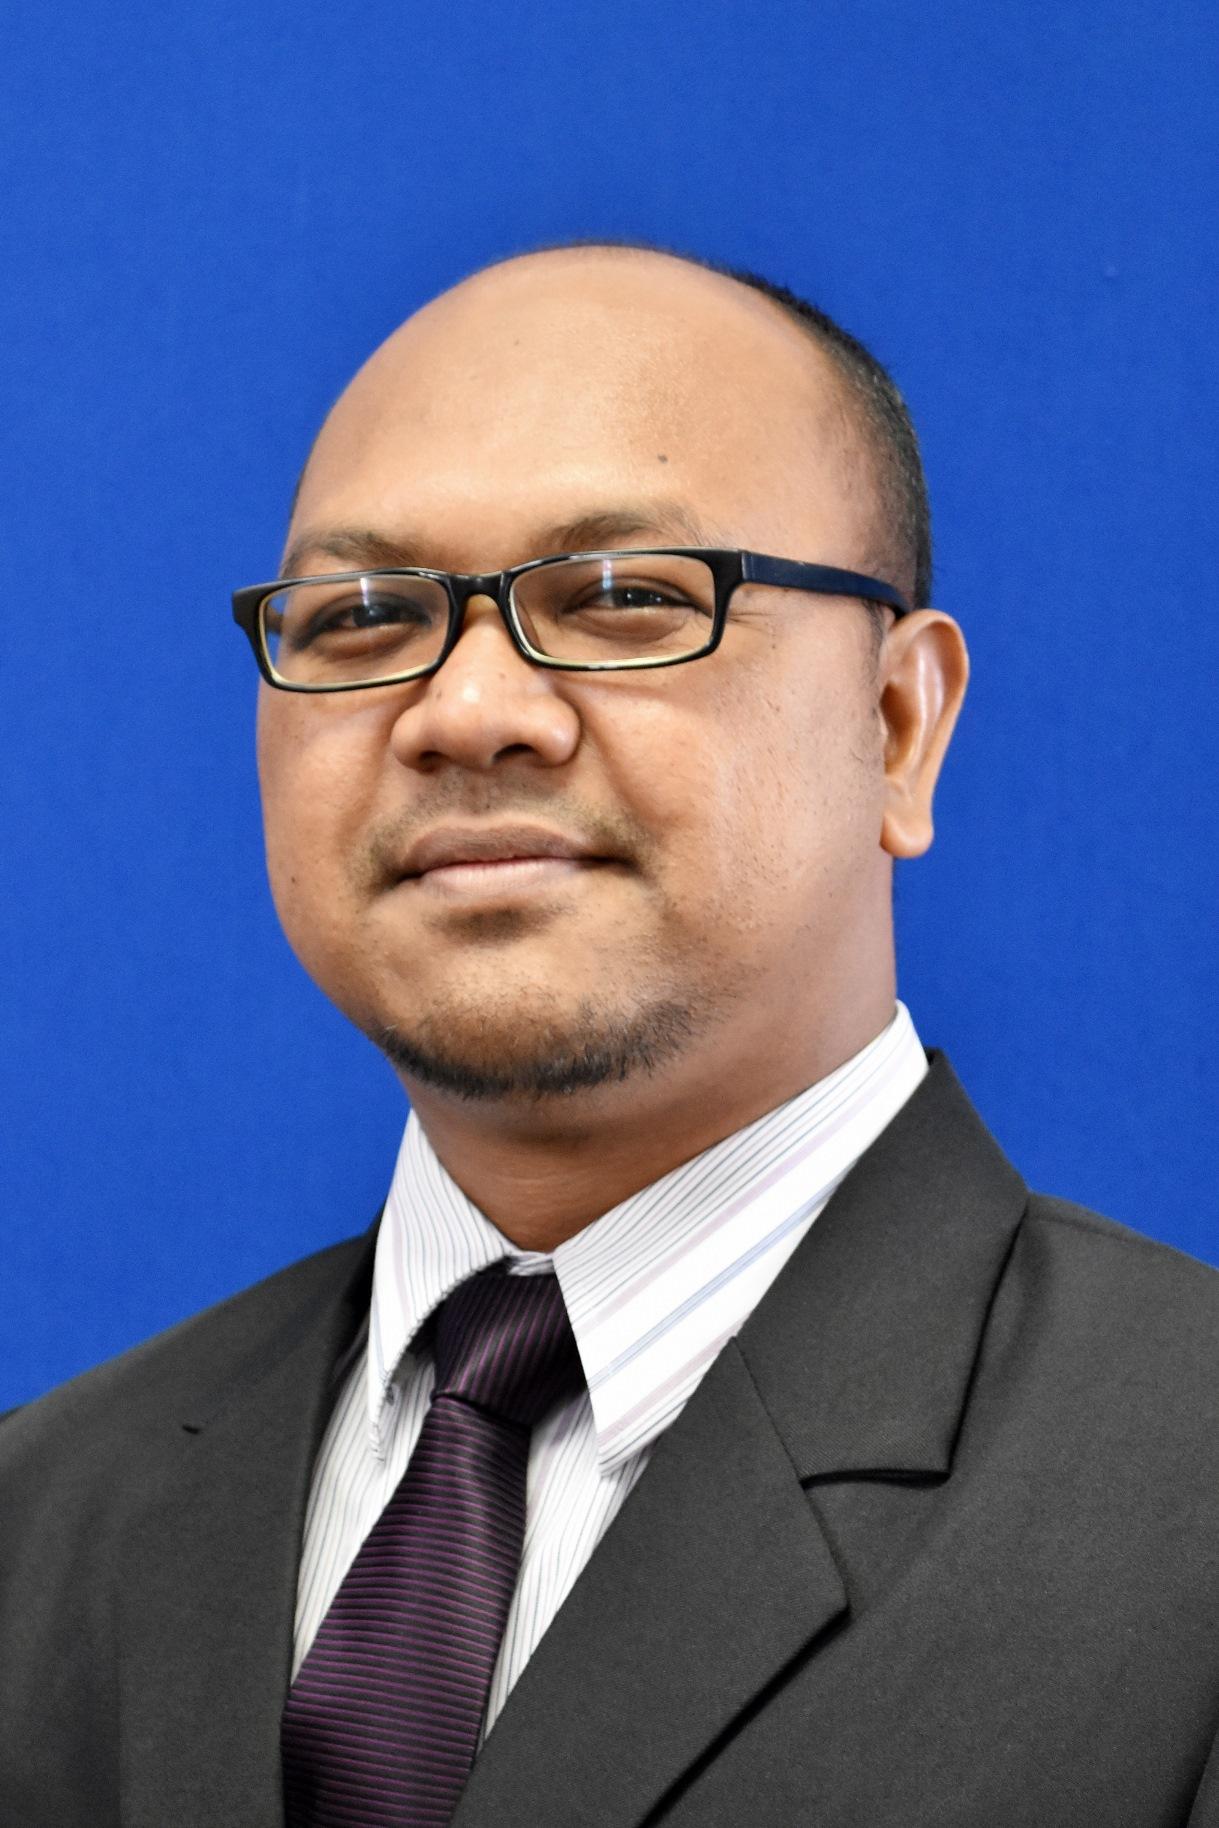 AHMAD TARMIZI BIN MD ISA